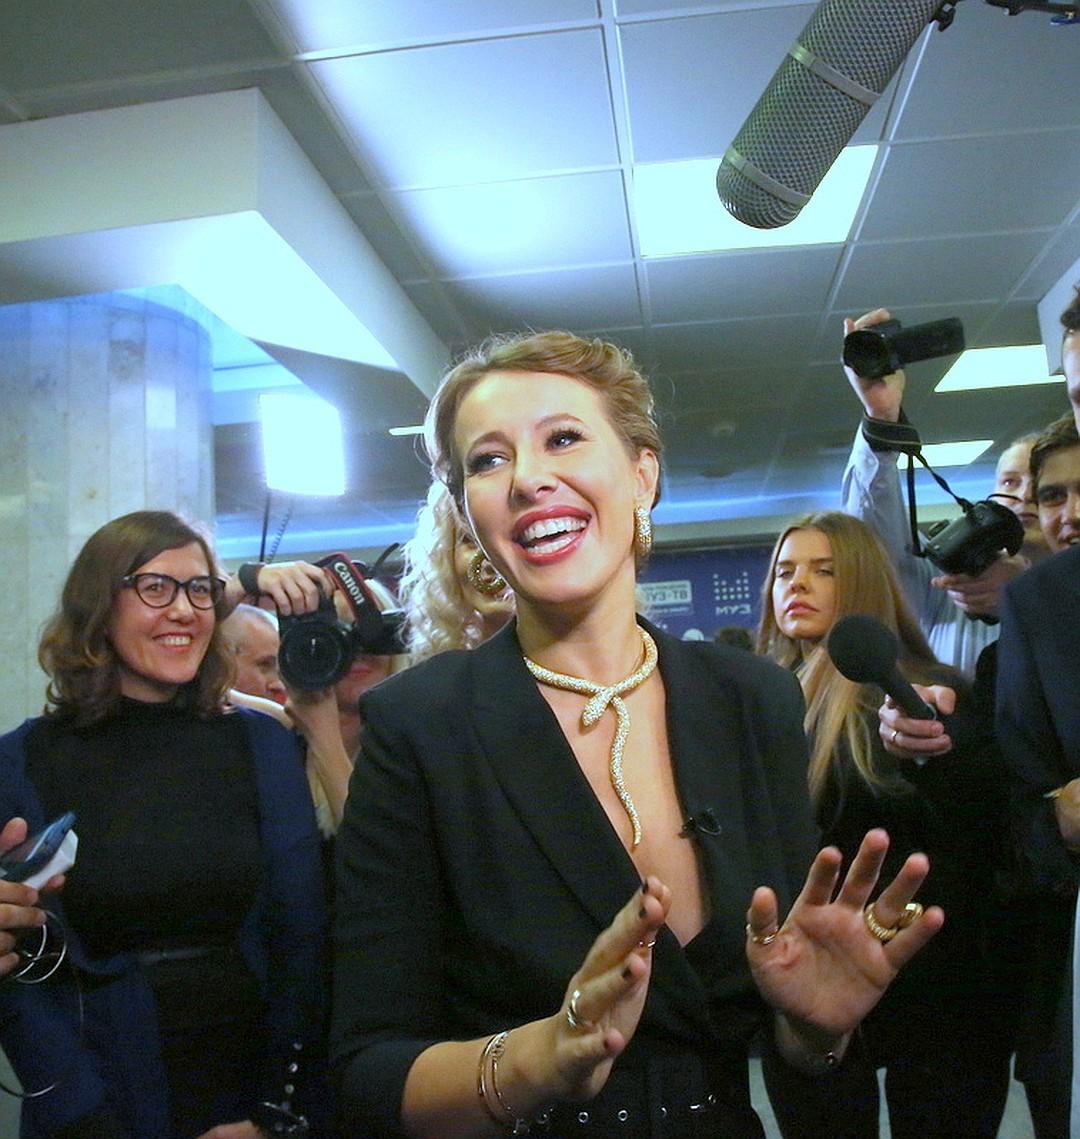 """Ксения """"пригрела"""" змею на груди. Фото: Борис КУДРЯВОВ/""""Экспресс газета""""."""